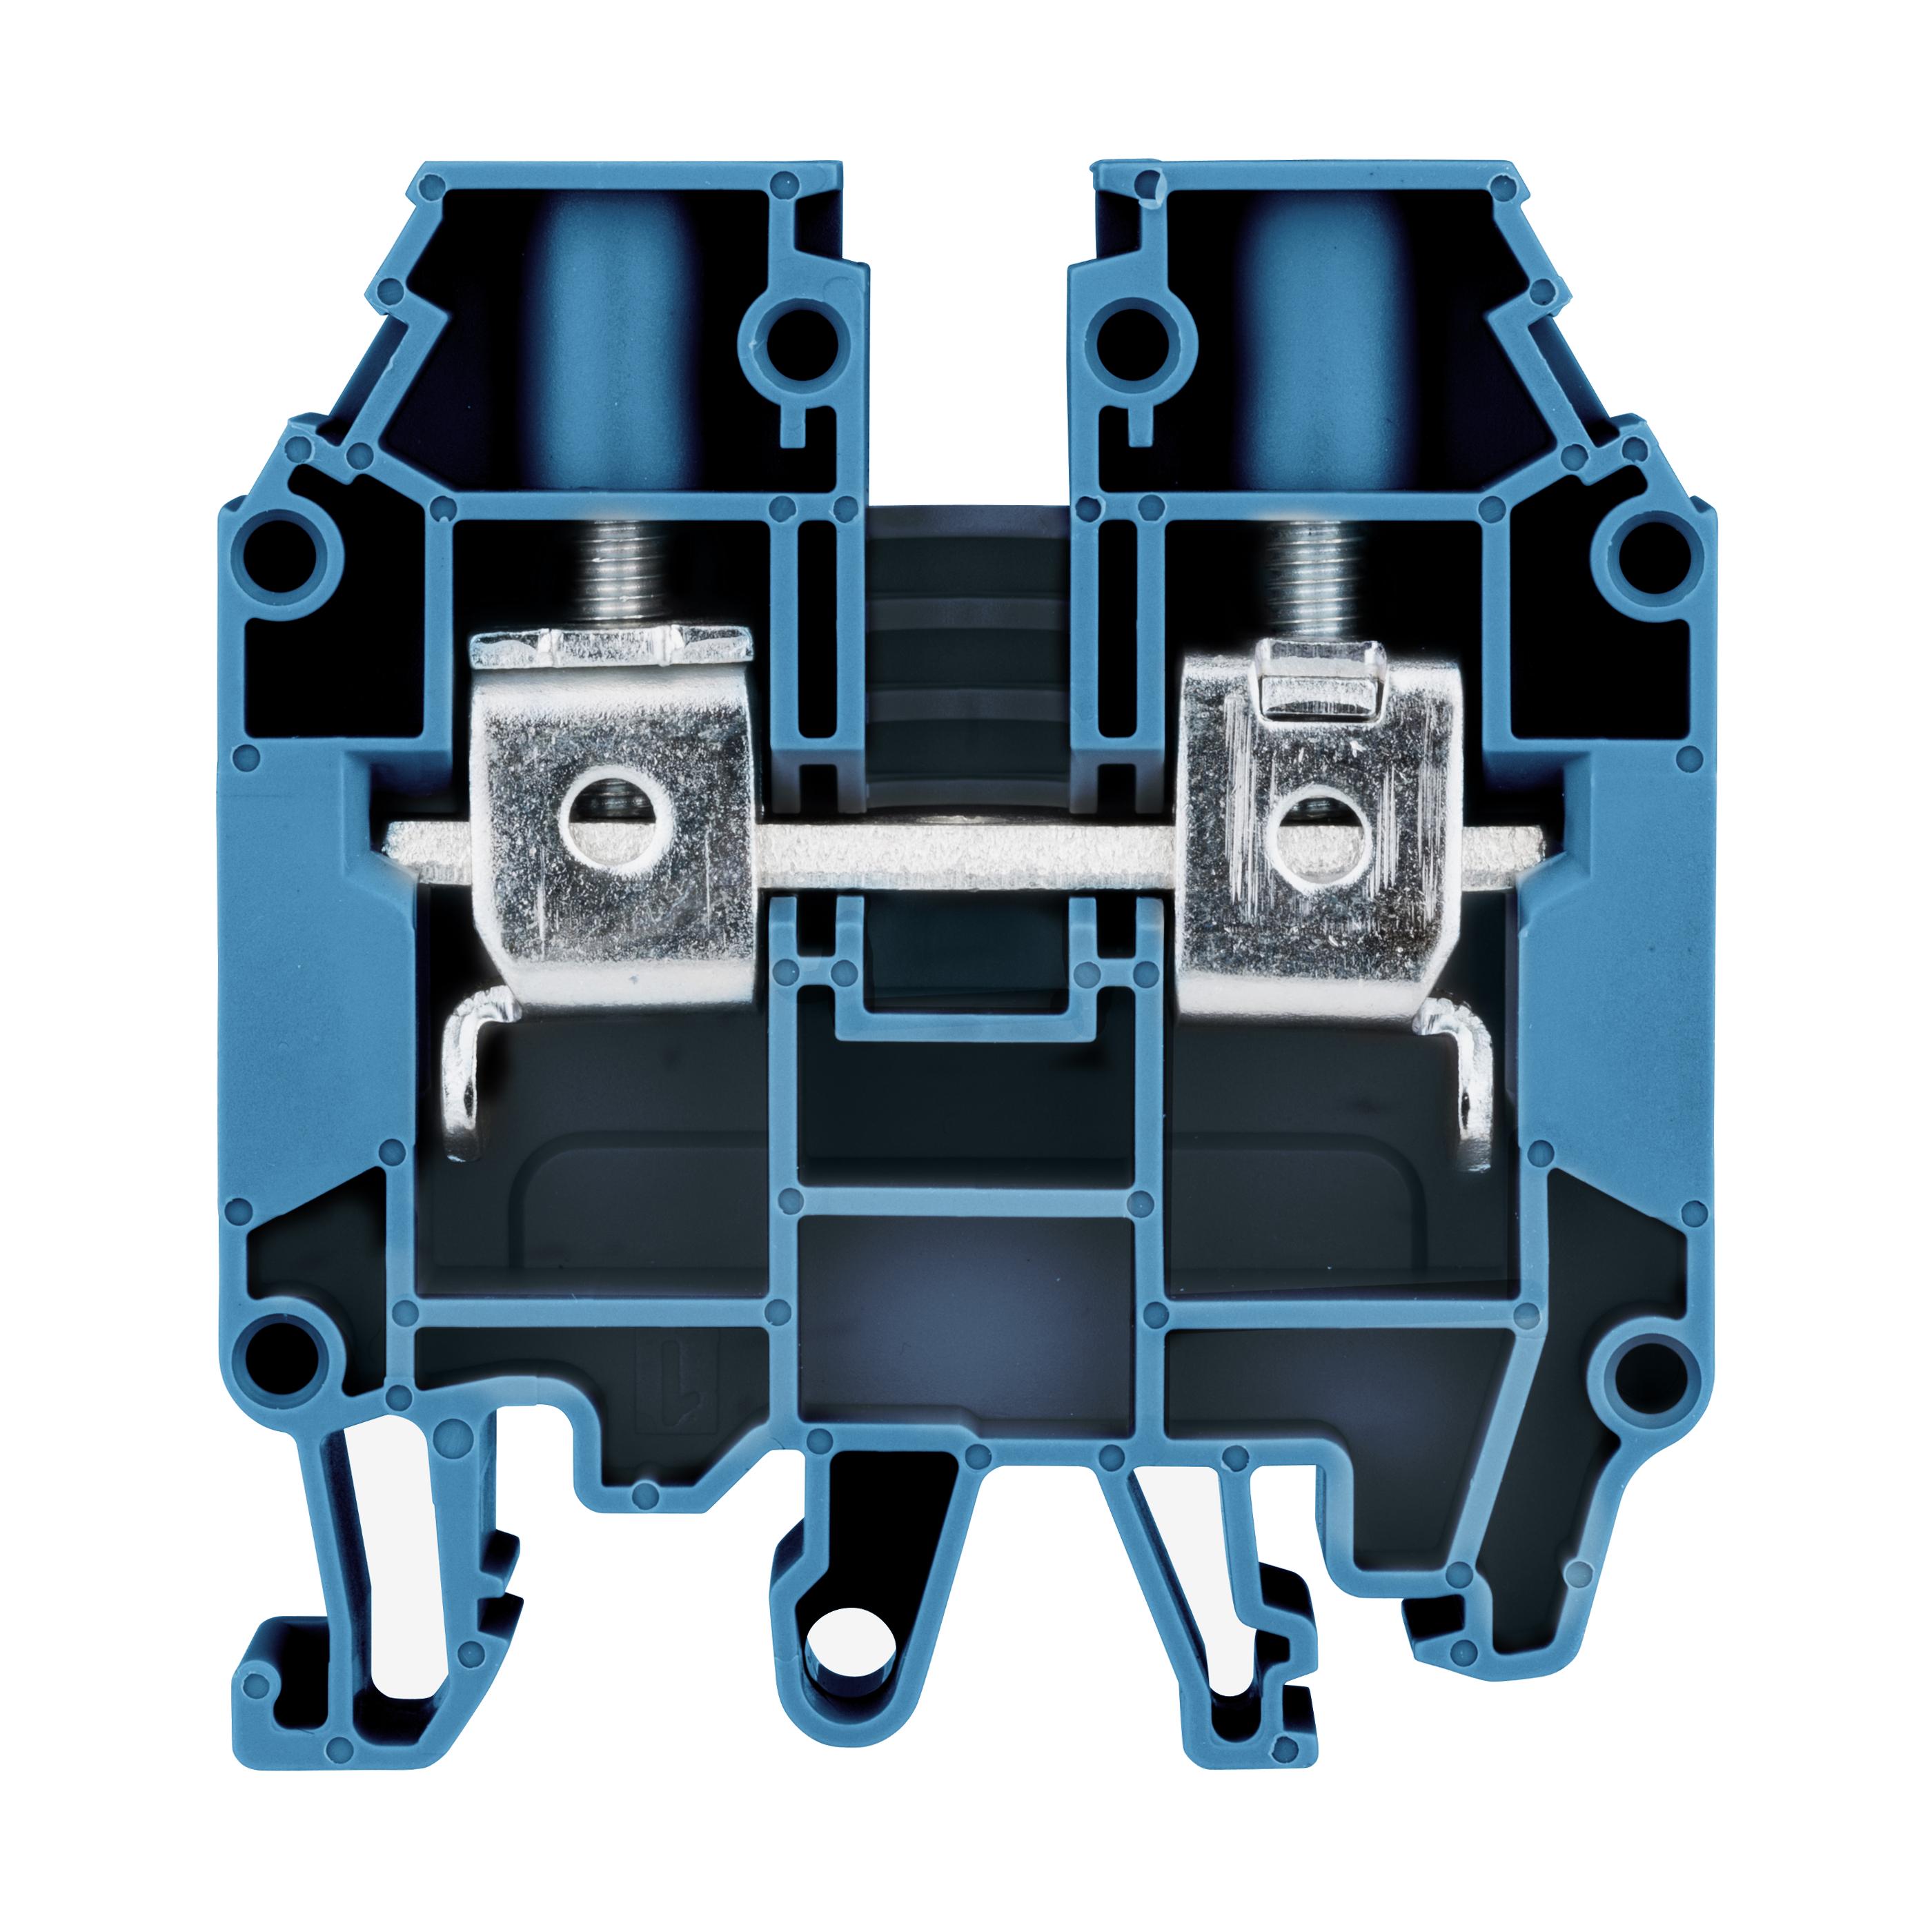 1 Stk Reihenklemme 16mm², Type AVK 16 RD, blau IK601016-A